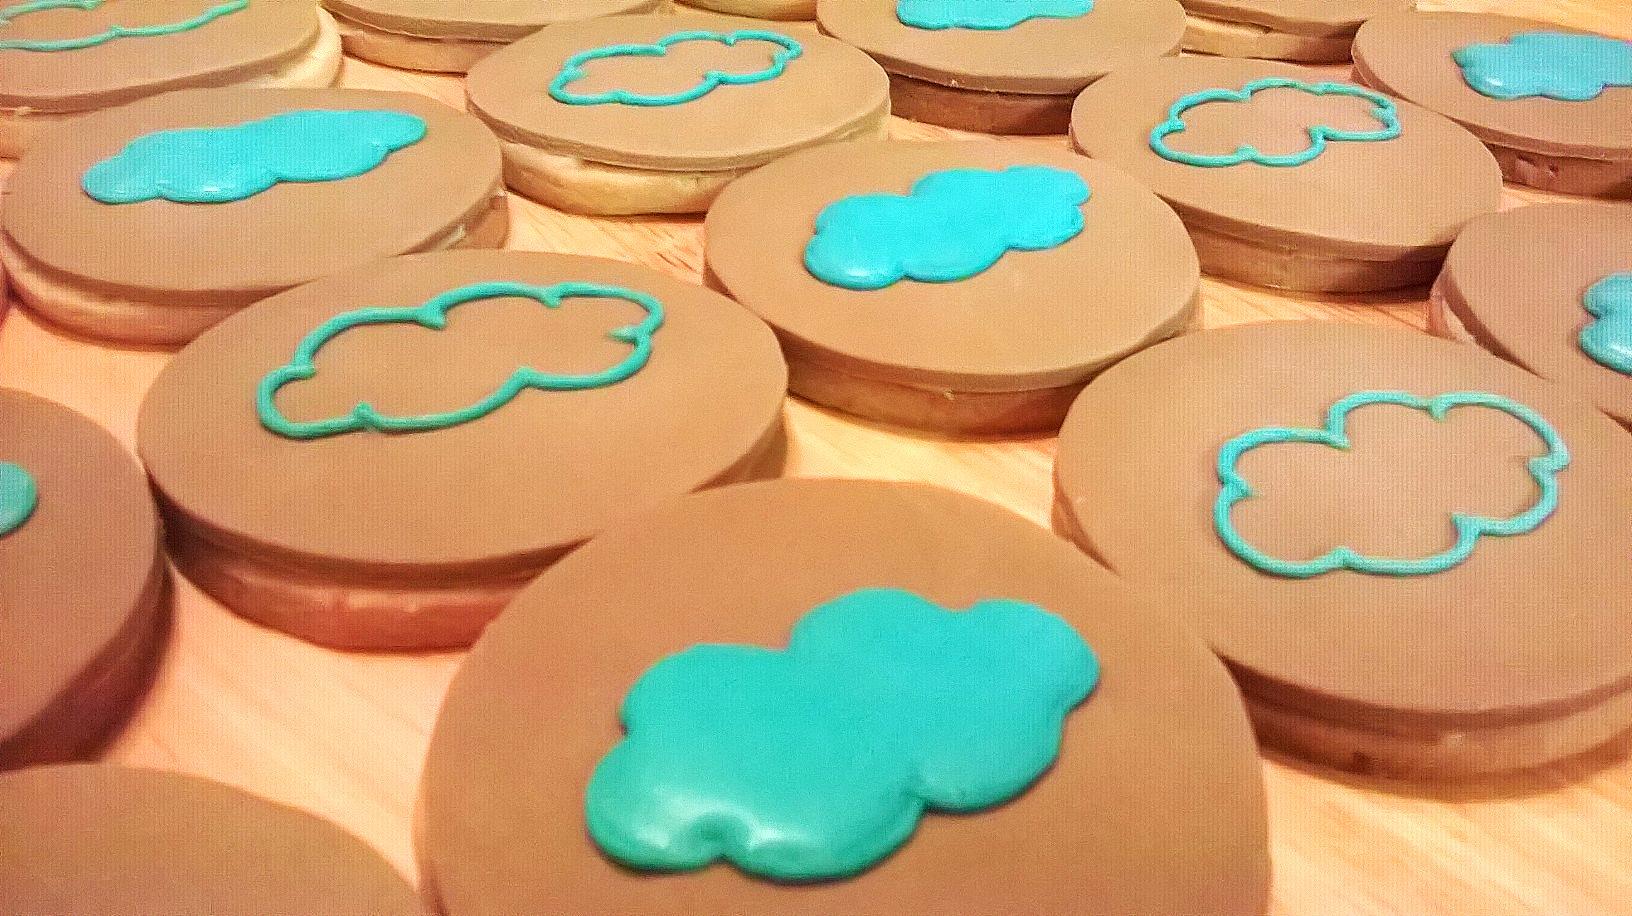 dreambakes branded cookies